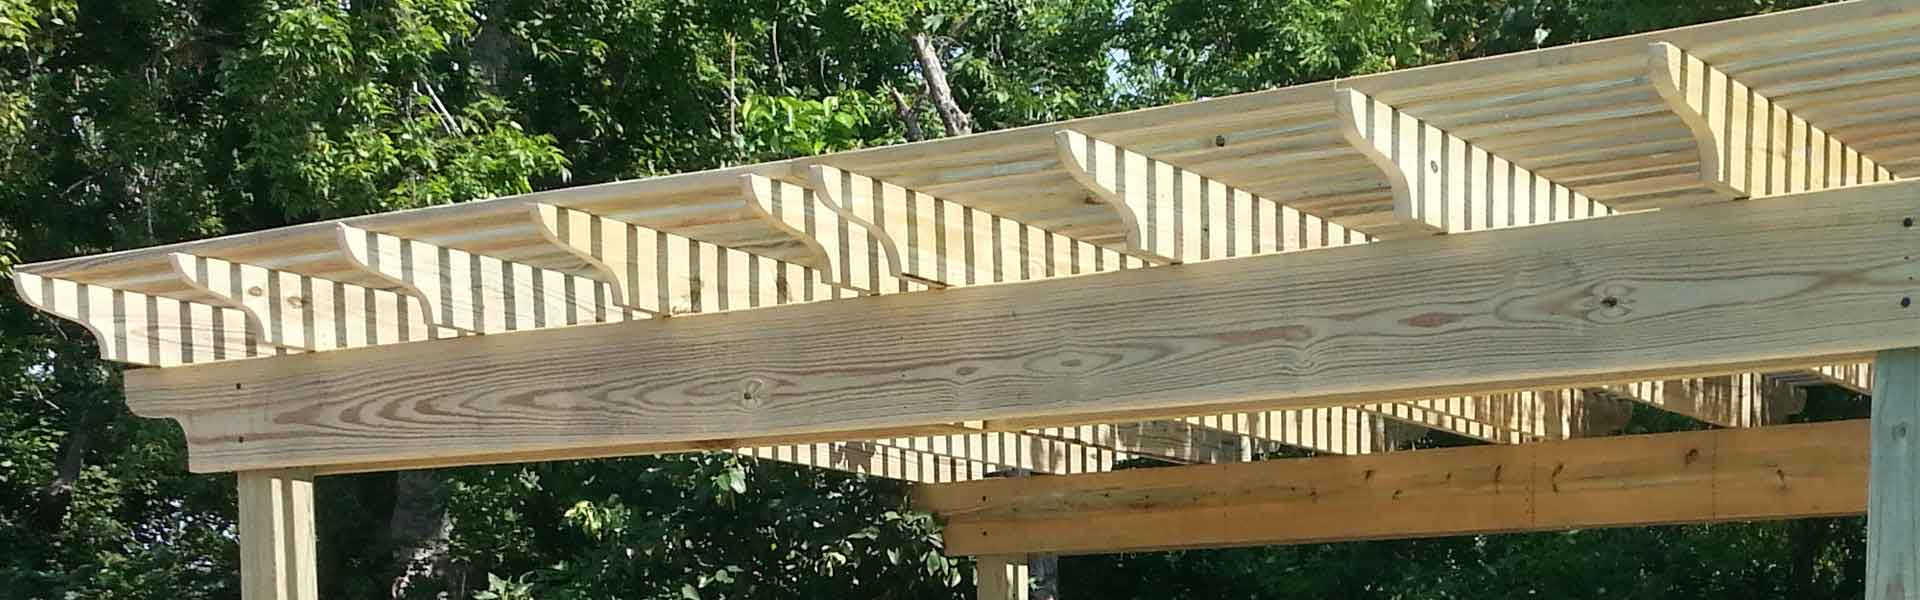 Devis maison en bois devis gratuit sans engagement for Devis maison en bois